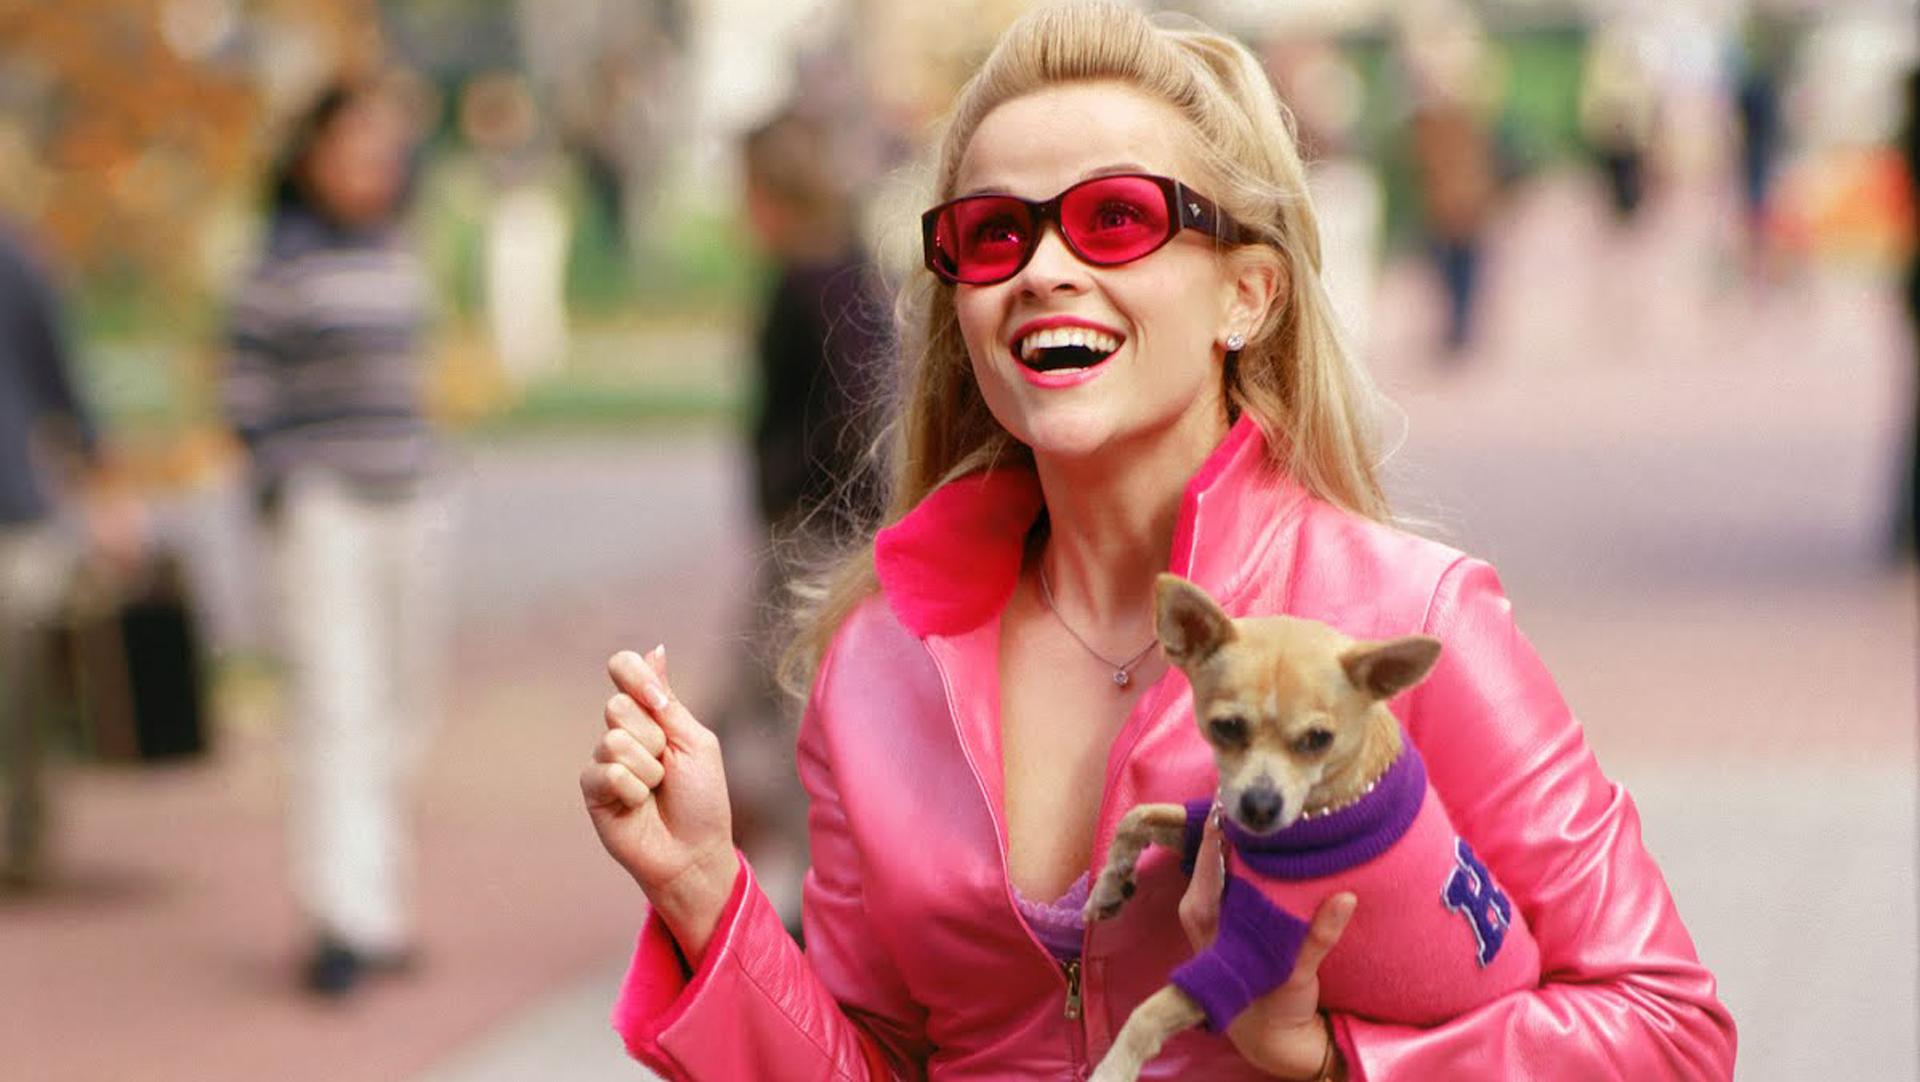 Прикольные картинки женщина с собакой, открытка состав открытка